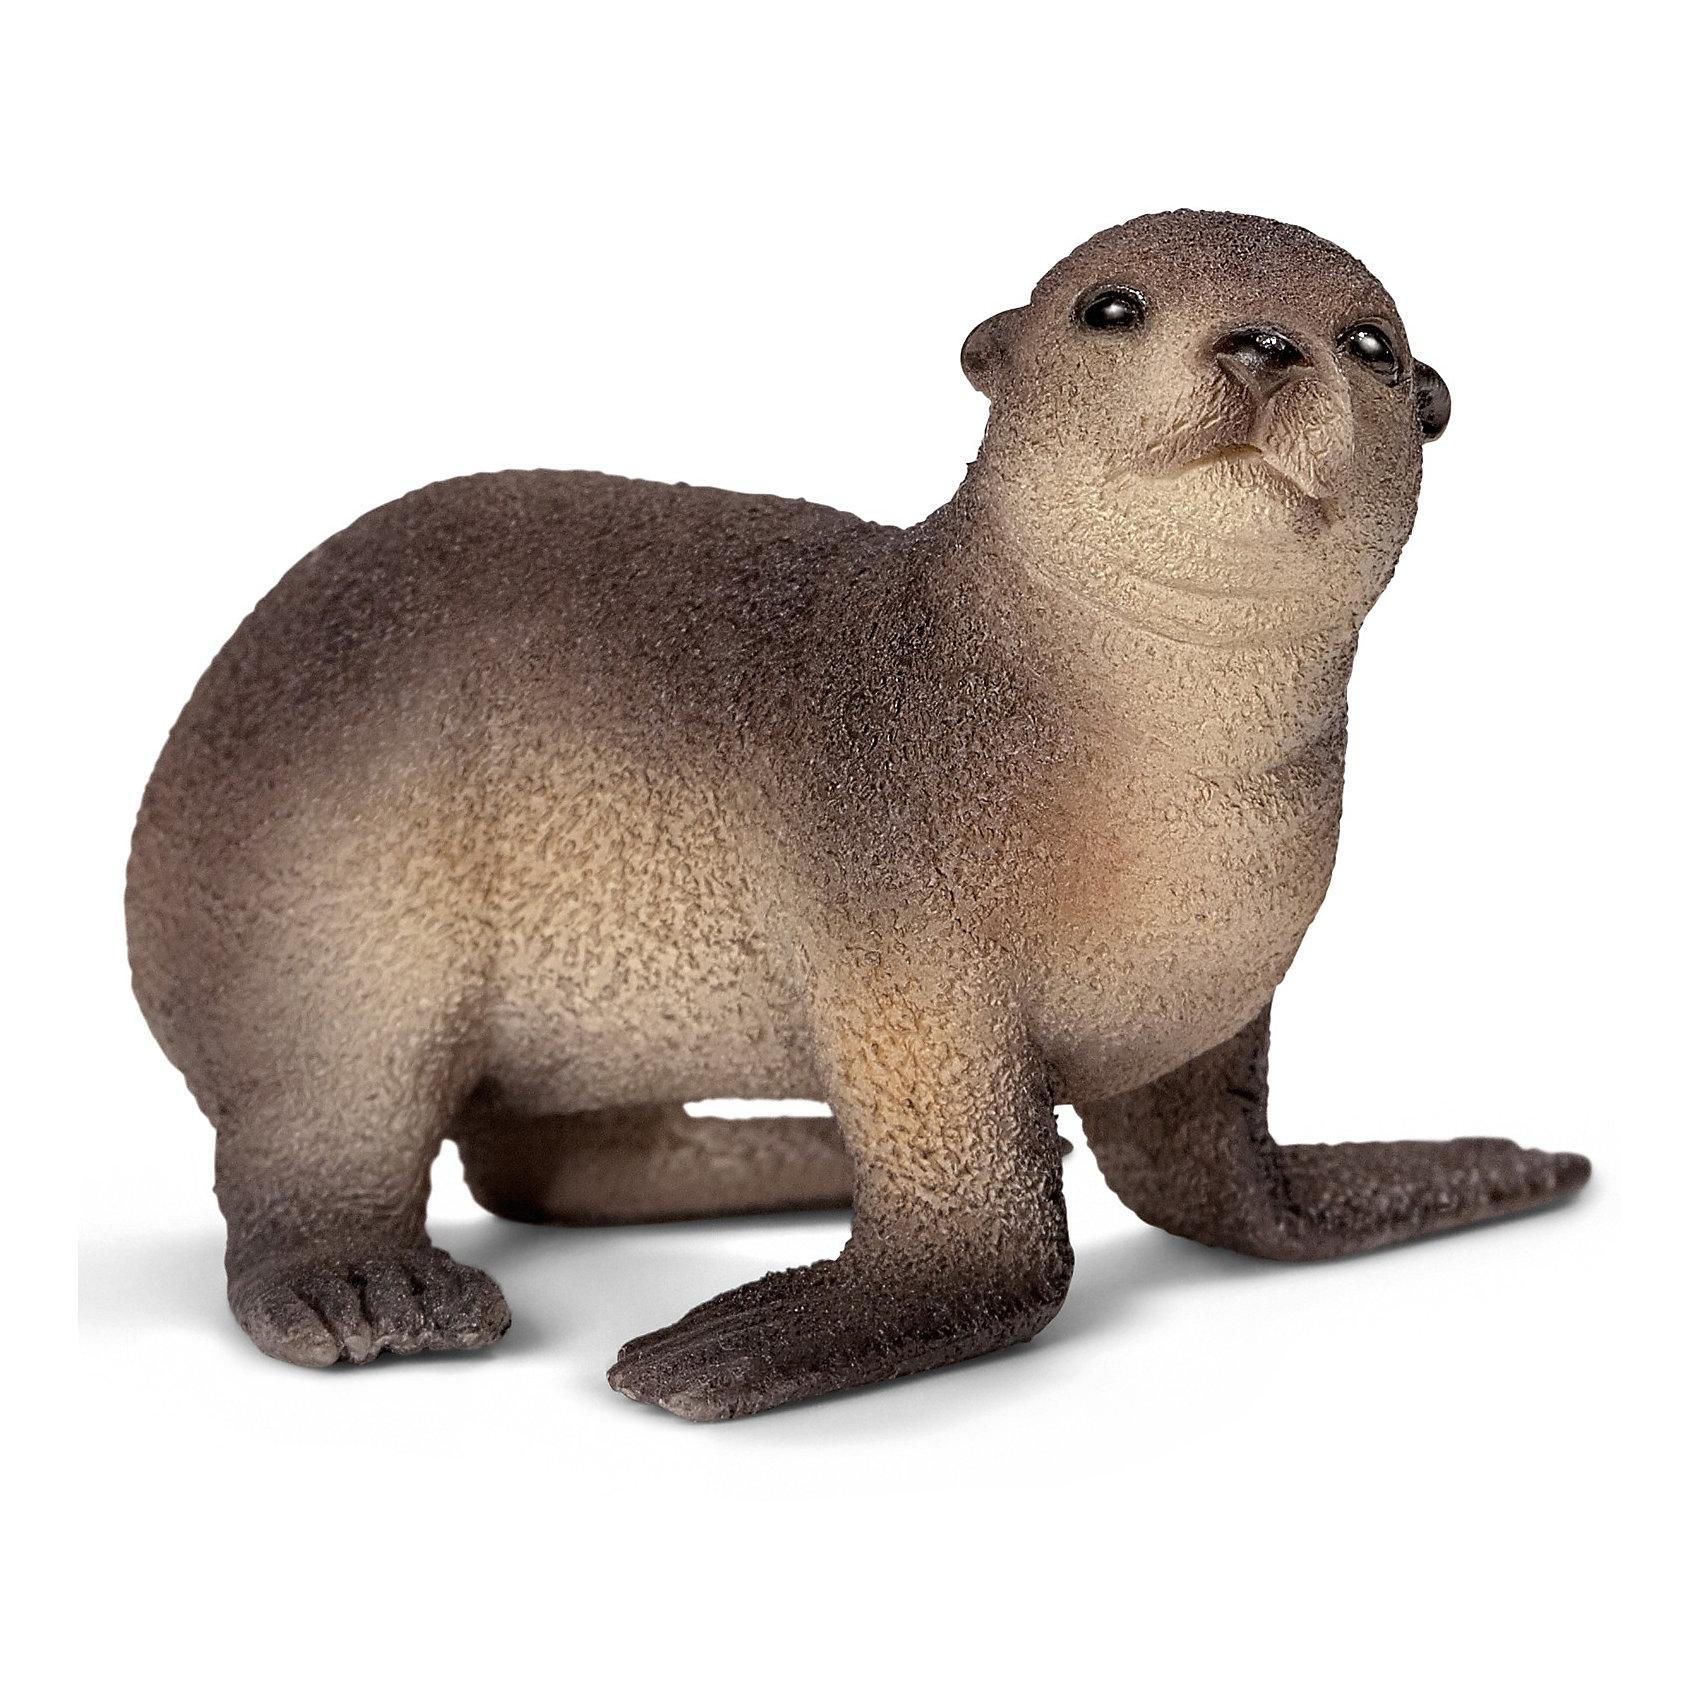 Schleich Морской львенок. Серия Дикие животныеМорской львенок от Schleich (Шляйх) входит в серию игрушек Дикие животные. Пластиковая  фигурка  в подробностях передает внешние черты настоящего животного.<br><br>Дополнительная информация:<br><br>-размеры (ДхШхВ): 4,5х3,0х4,5 см<br>-материал: пластик<br>-фигурка раскрашена вручную<br><br>Игрушка станет прекрасным подарком любому ребенку!<br><br>Schleich (Шляйх) Морского львенка. Серия Дикие животные вы можете купить в нашем магазине.<br><br>Ширина мм: 54<br>Глубина мм: 57<br>Высота мм: 31<br>Вес г: 15<br>Возраст от месяцев: 36<br>Возраст до месяцев: 96<br>Пол: Унисекс<br>Возраст: Детский<br>SKU: 2609298